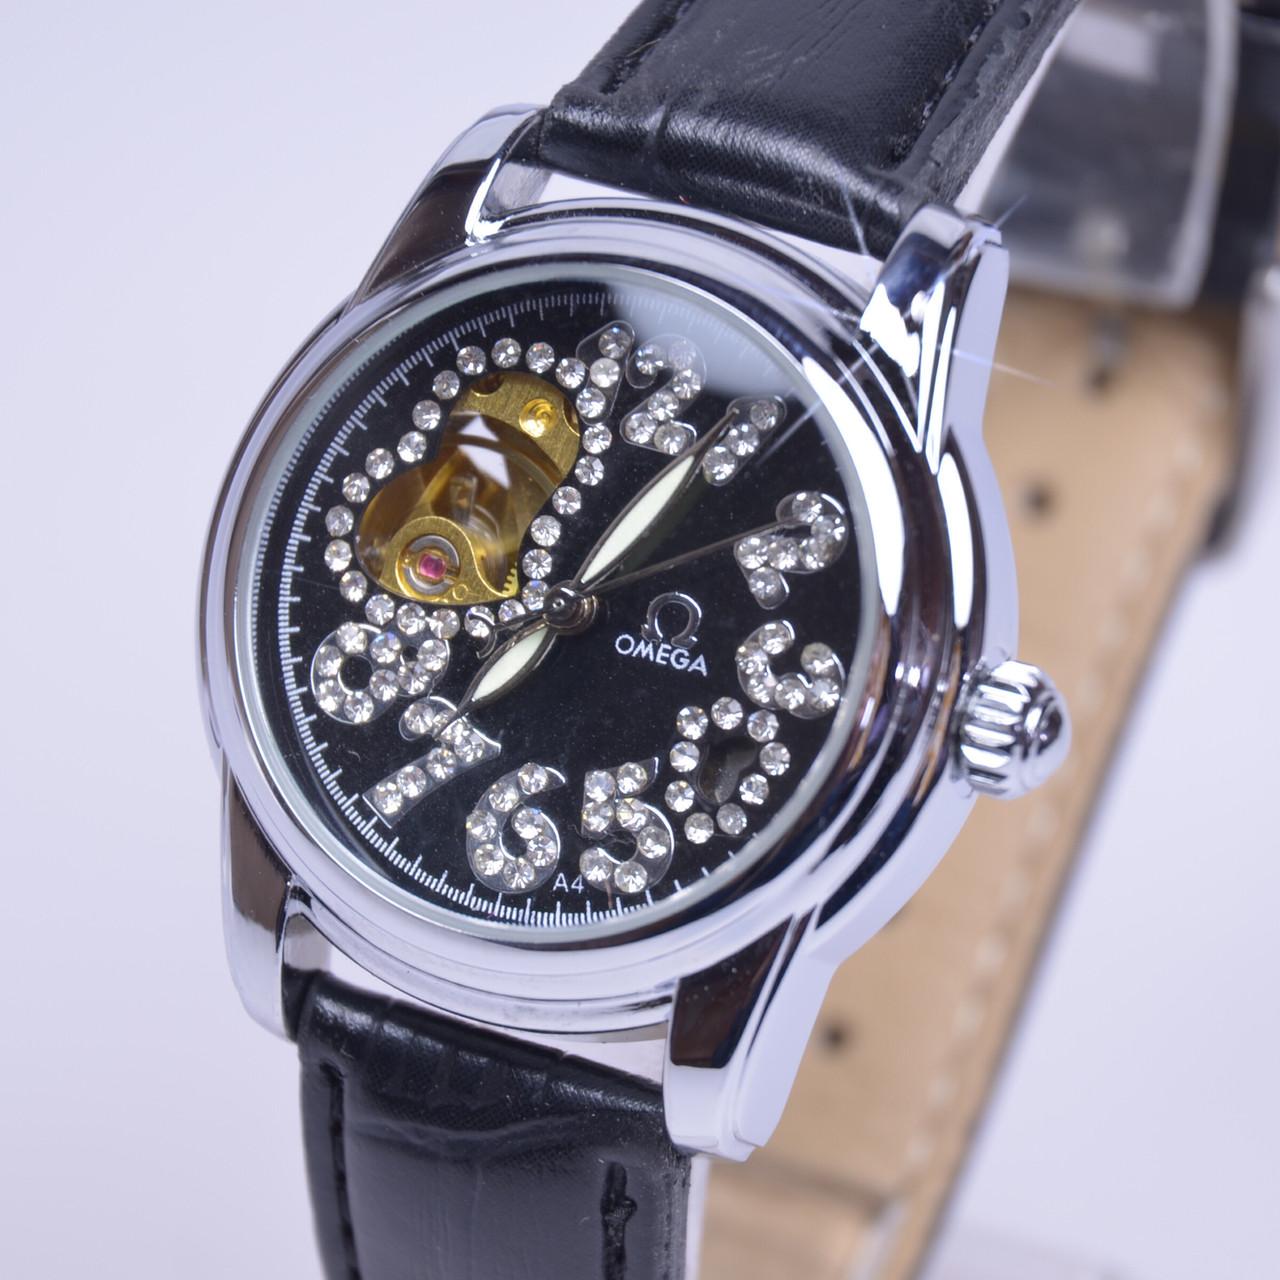 Omega женские часы наручные часы молния с крышкой купить в